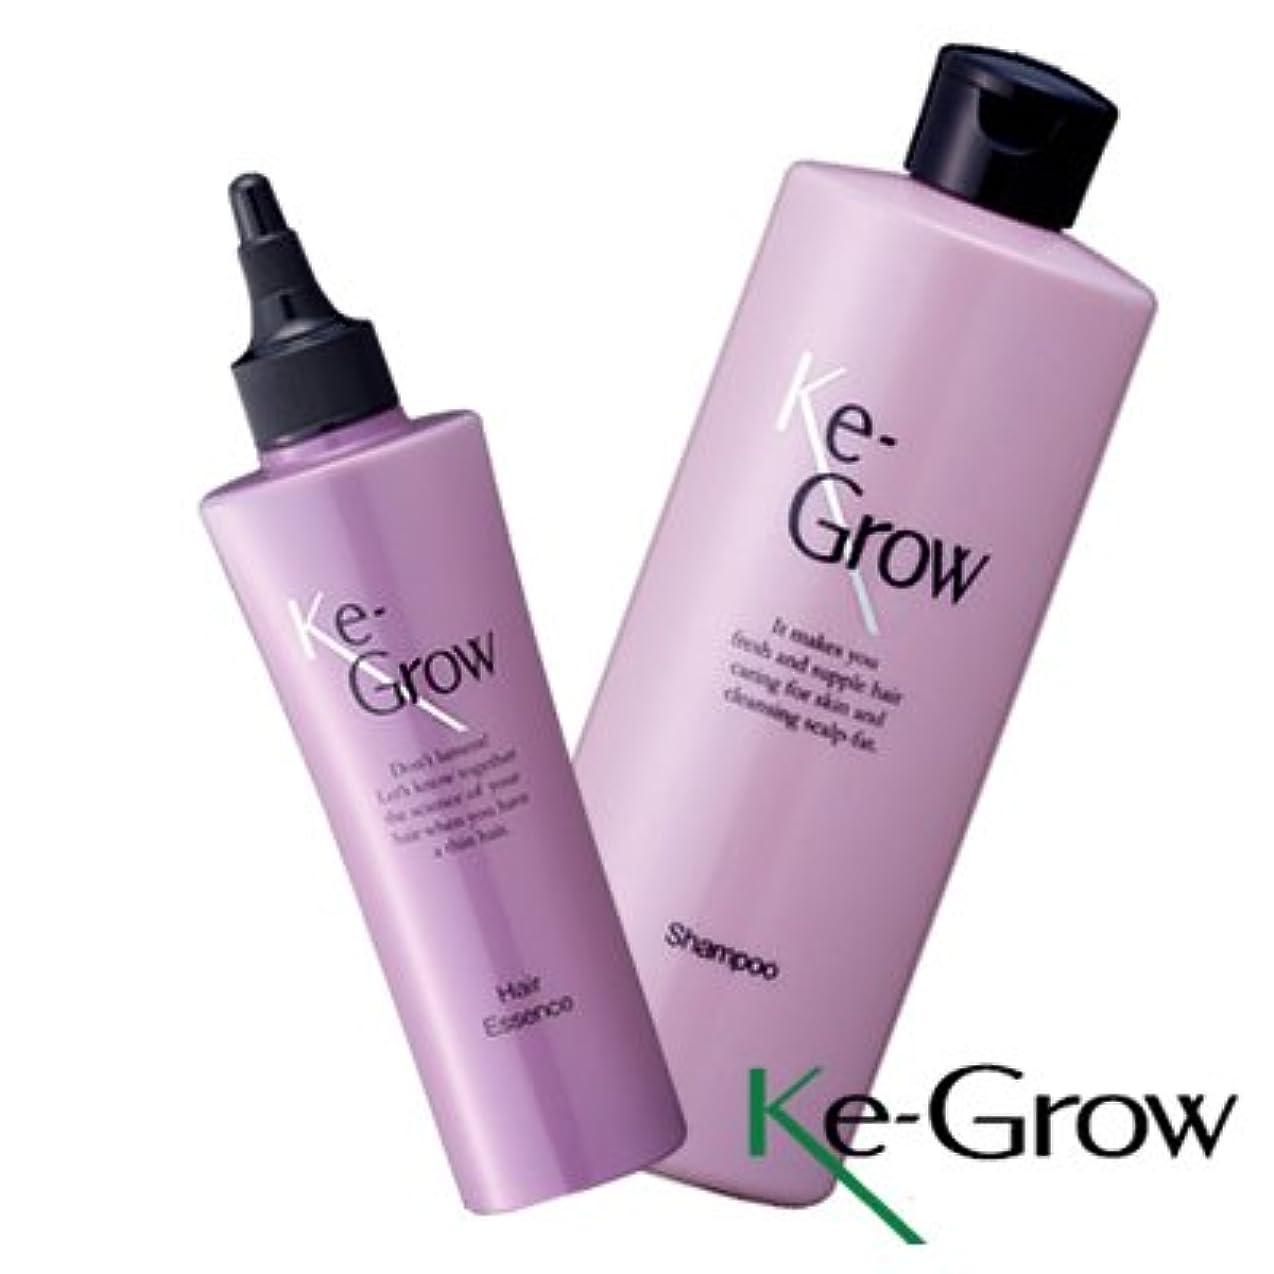 声を出して基本的なアメリカ薬用 ケイグロウ Ke-Grow 頭皮シャンプー 300ml & ヘアーエッセンス 150ml セット